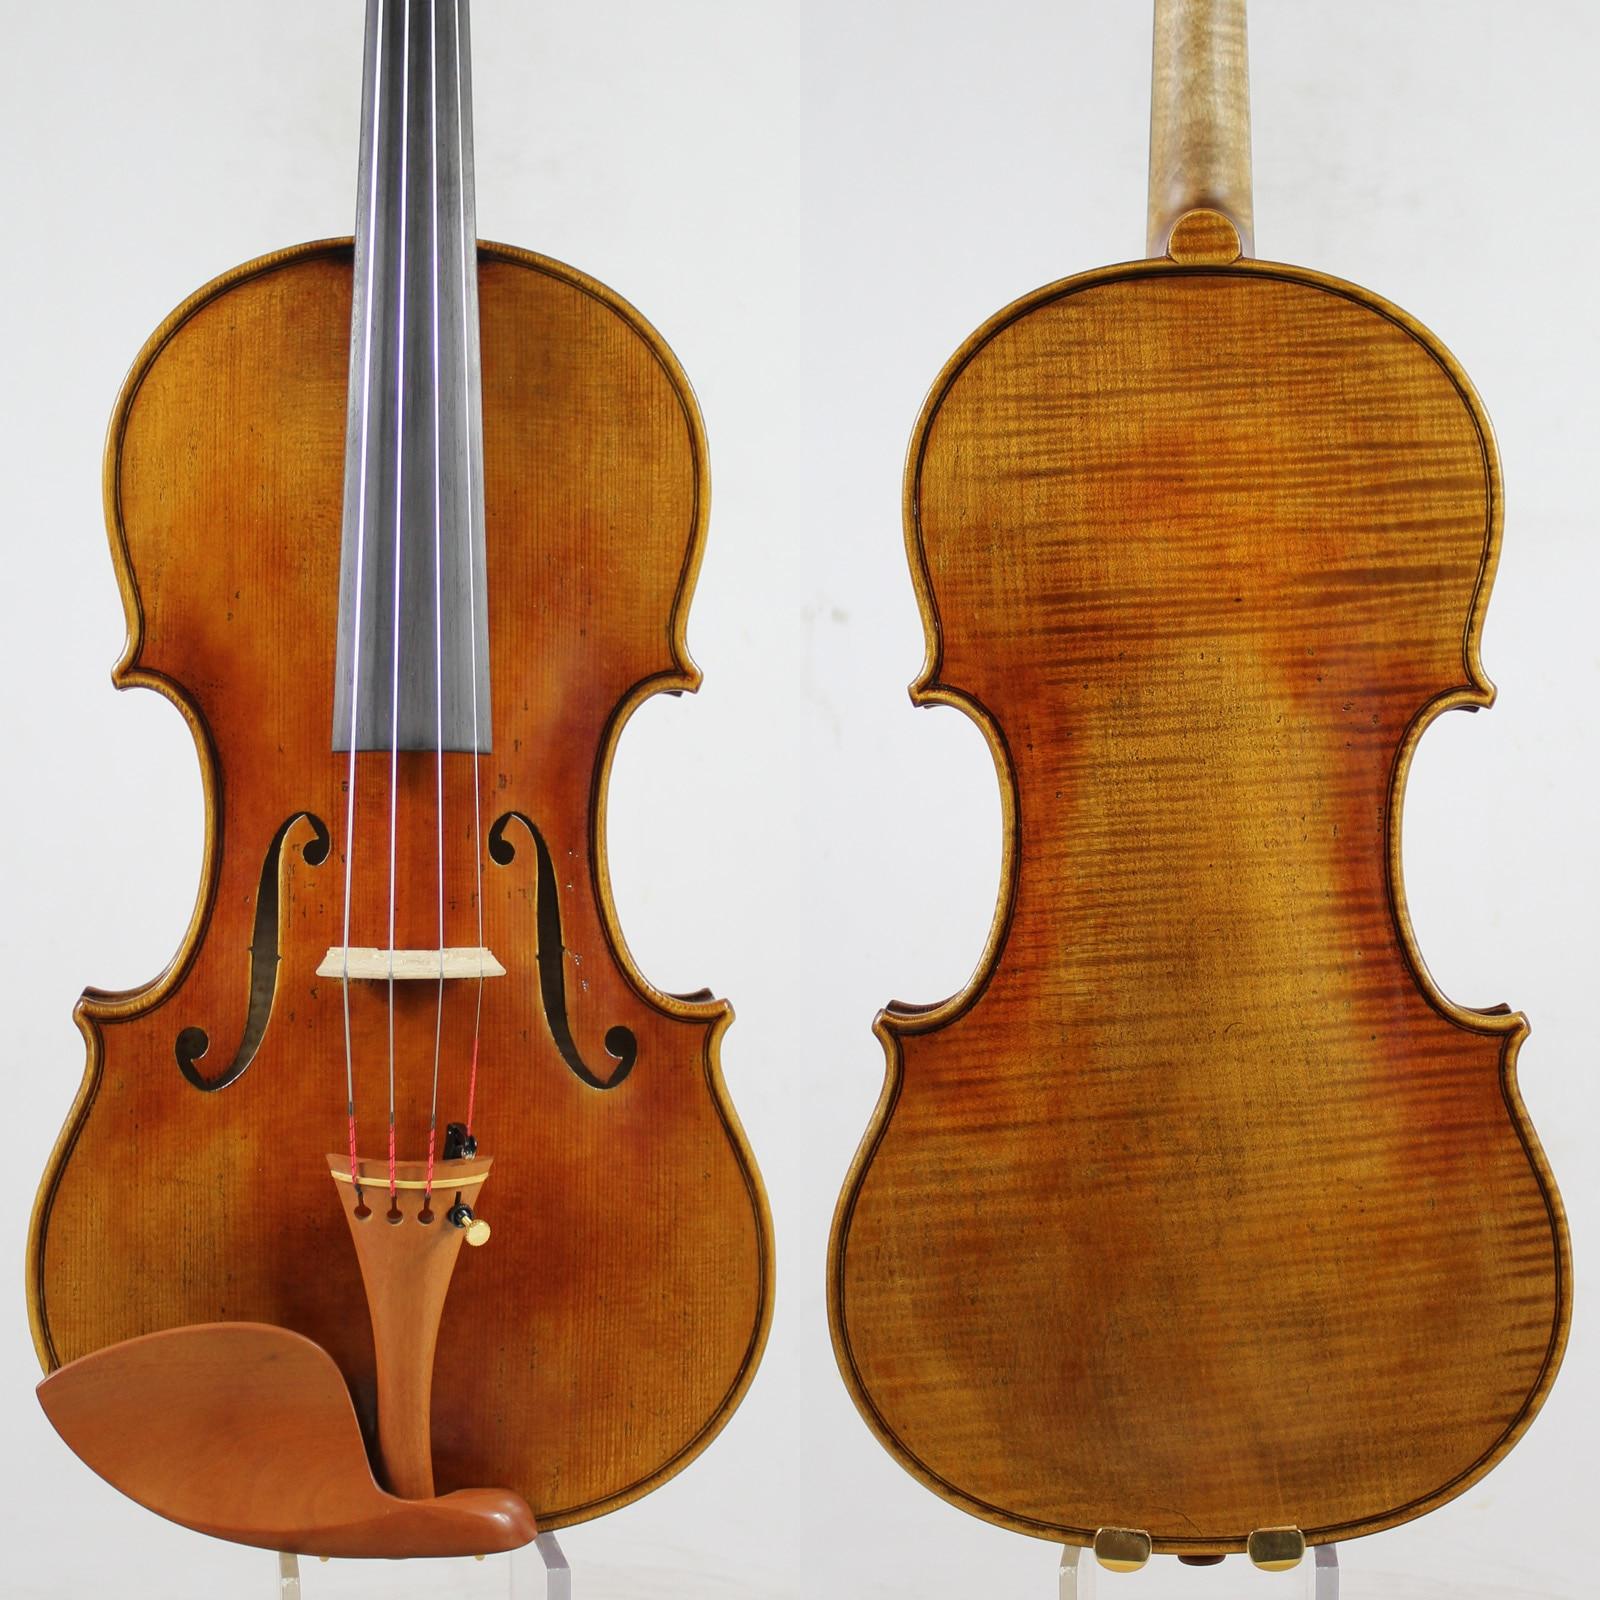 ¡60-y viejo Spruce! Guarnieri 'del Gesu''Ole Bull violín violino copia! M9018 una Pc! concierto 4/4 violín de aceite de barniz